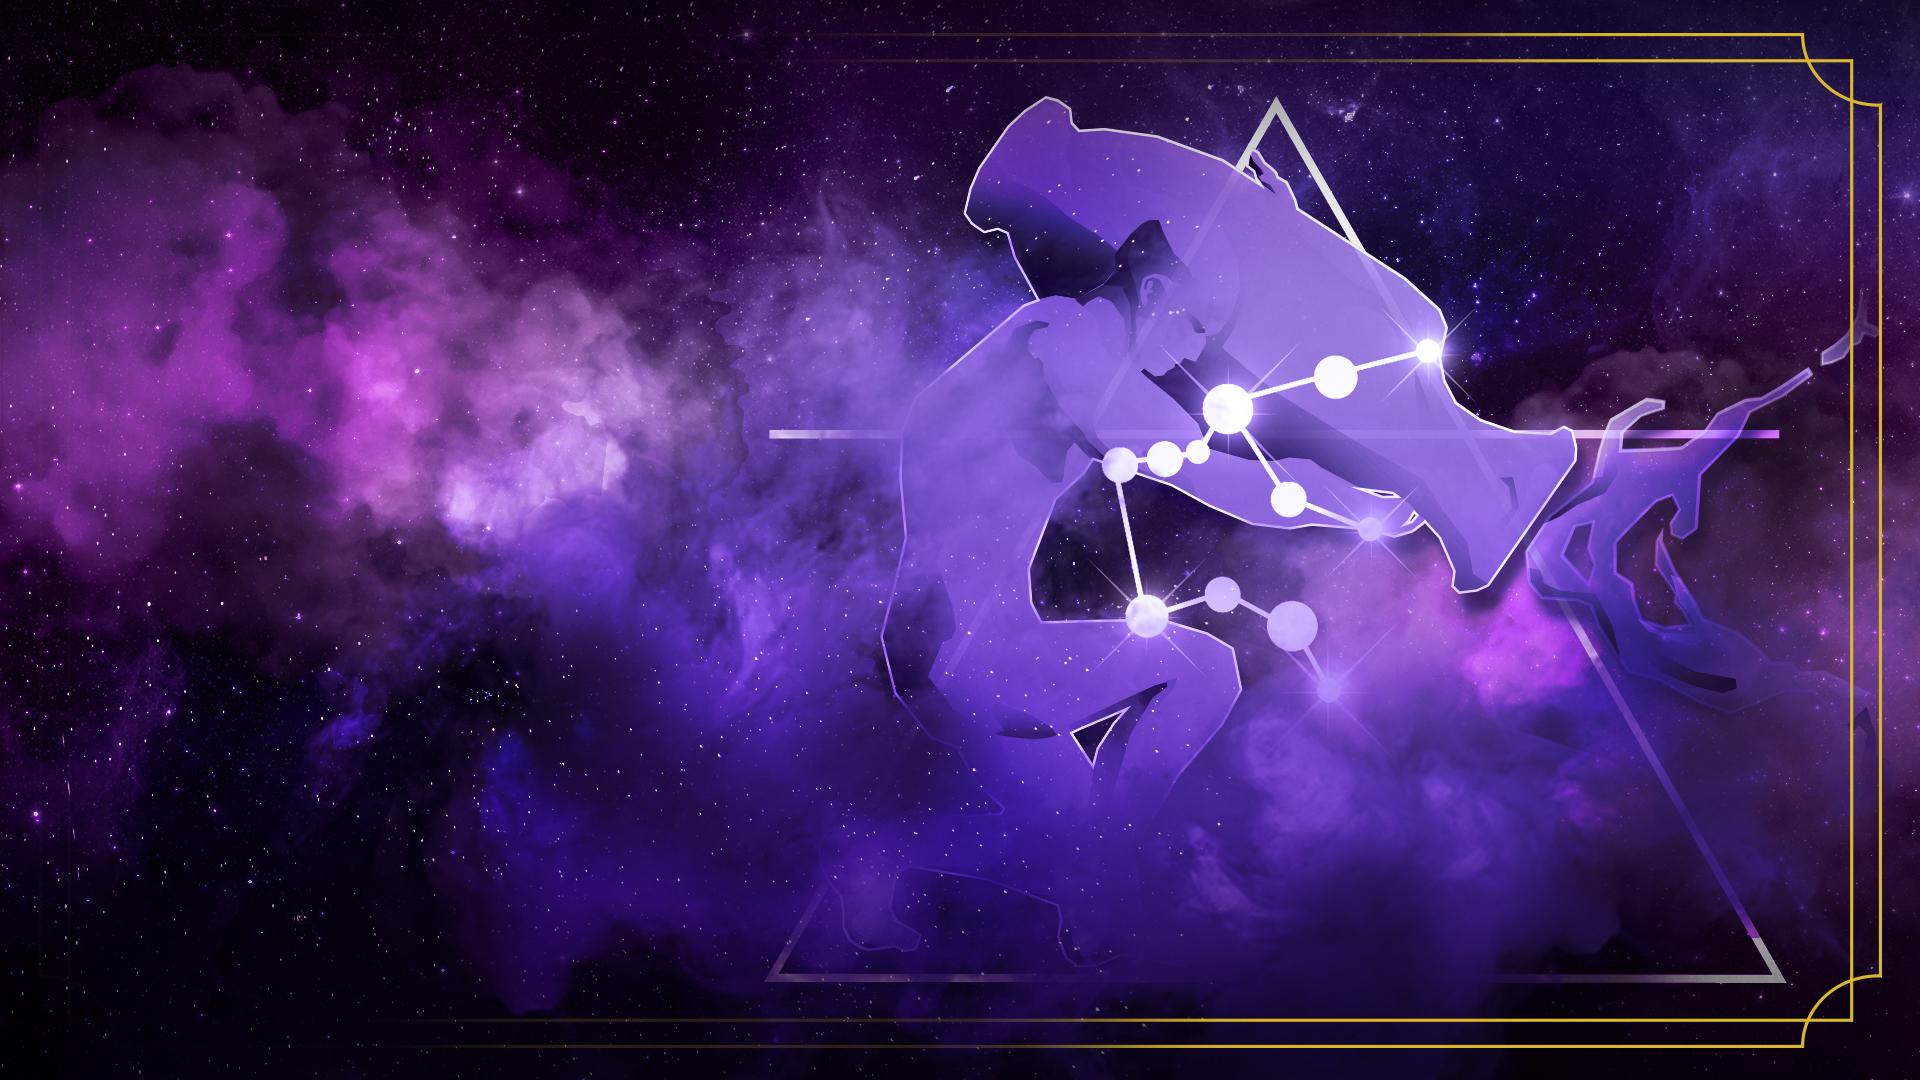 Horóscopo Acuario Miércoles 17 De Febrero De 2021 Horóscopos Acuario Univision